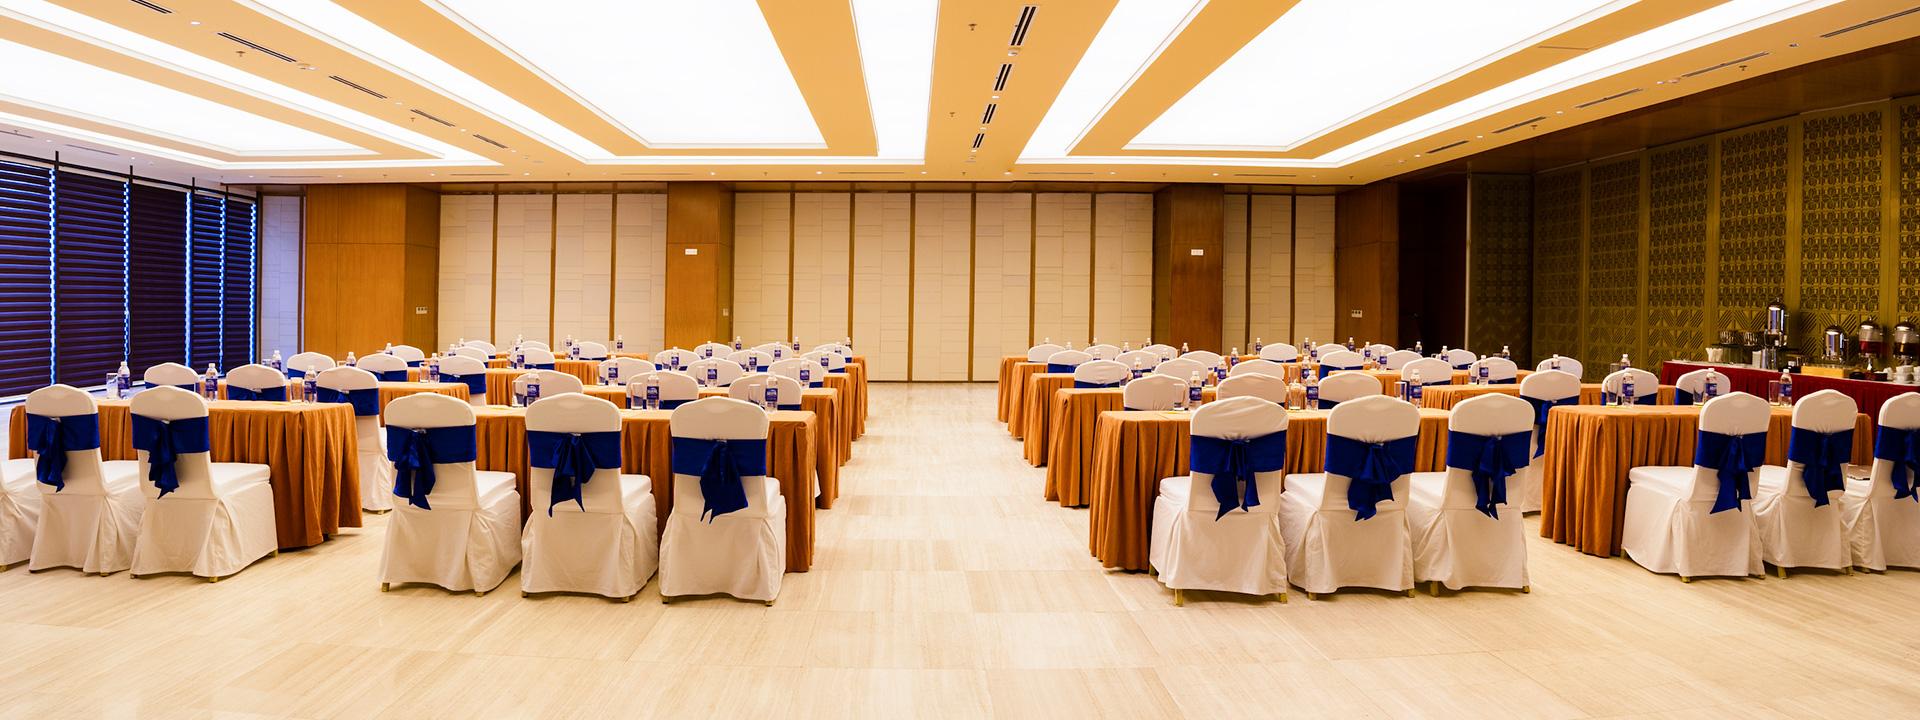 Hội thảo tại khách sạn Star City Nha Trang